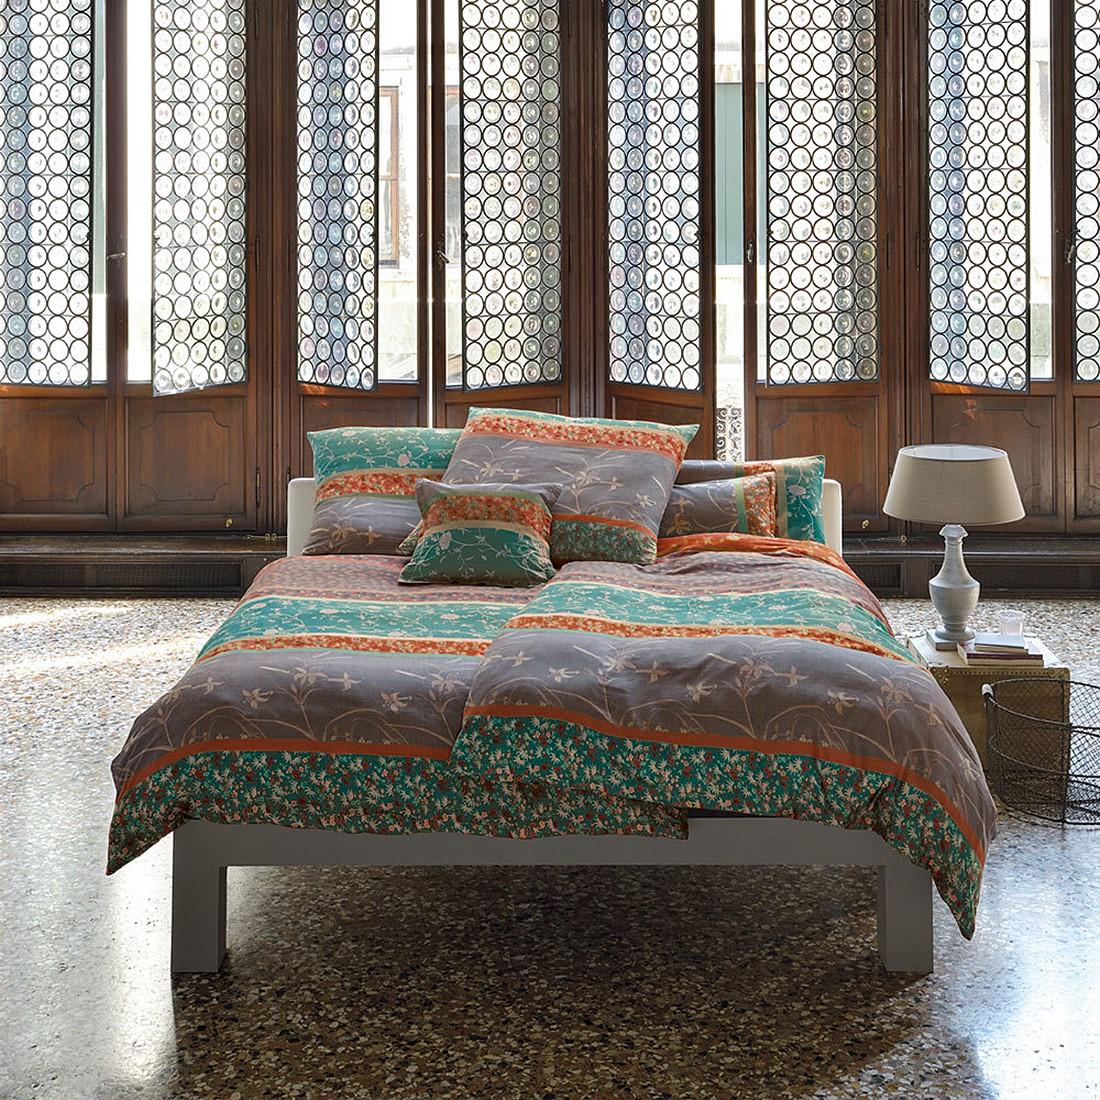 bettw sche doge v7 baumwolle mehrfarbig kissenbezug einzeln 40x80 cm bassetti g nstig. Black Bedroom Furniture Sets. Home Design Ideas